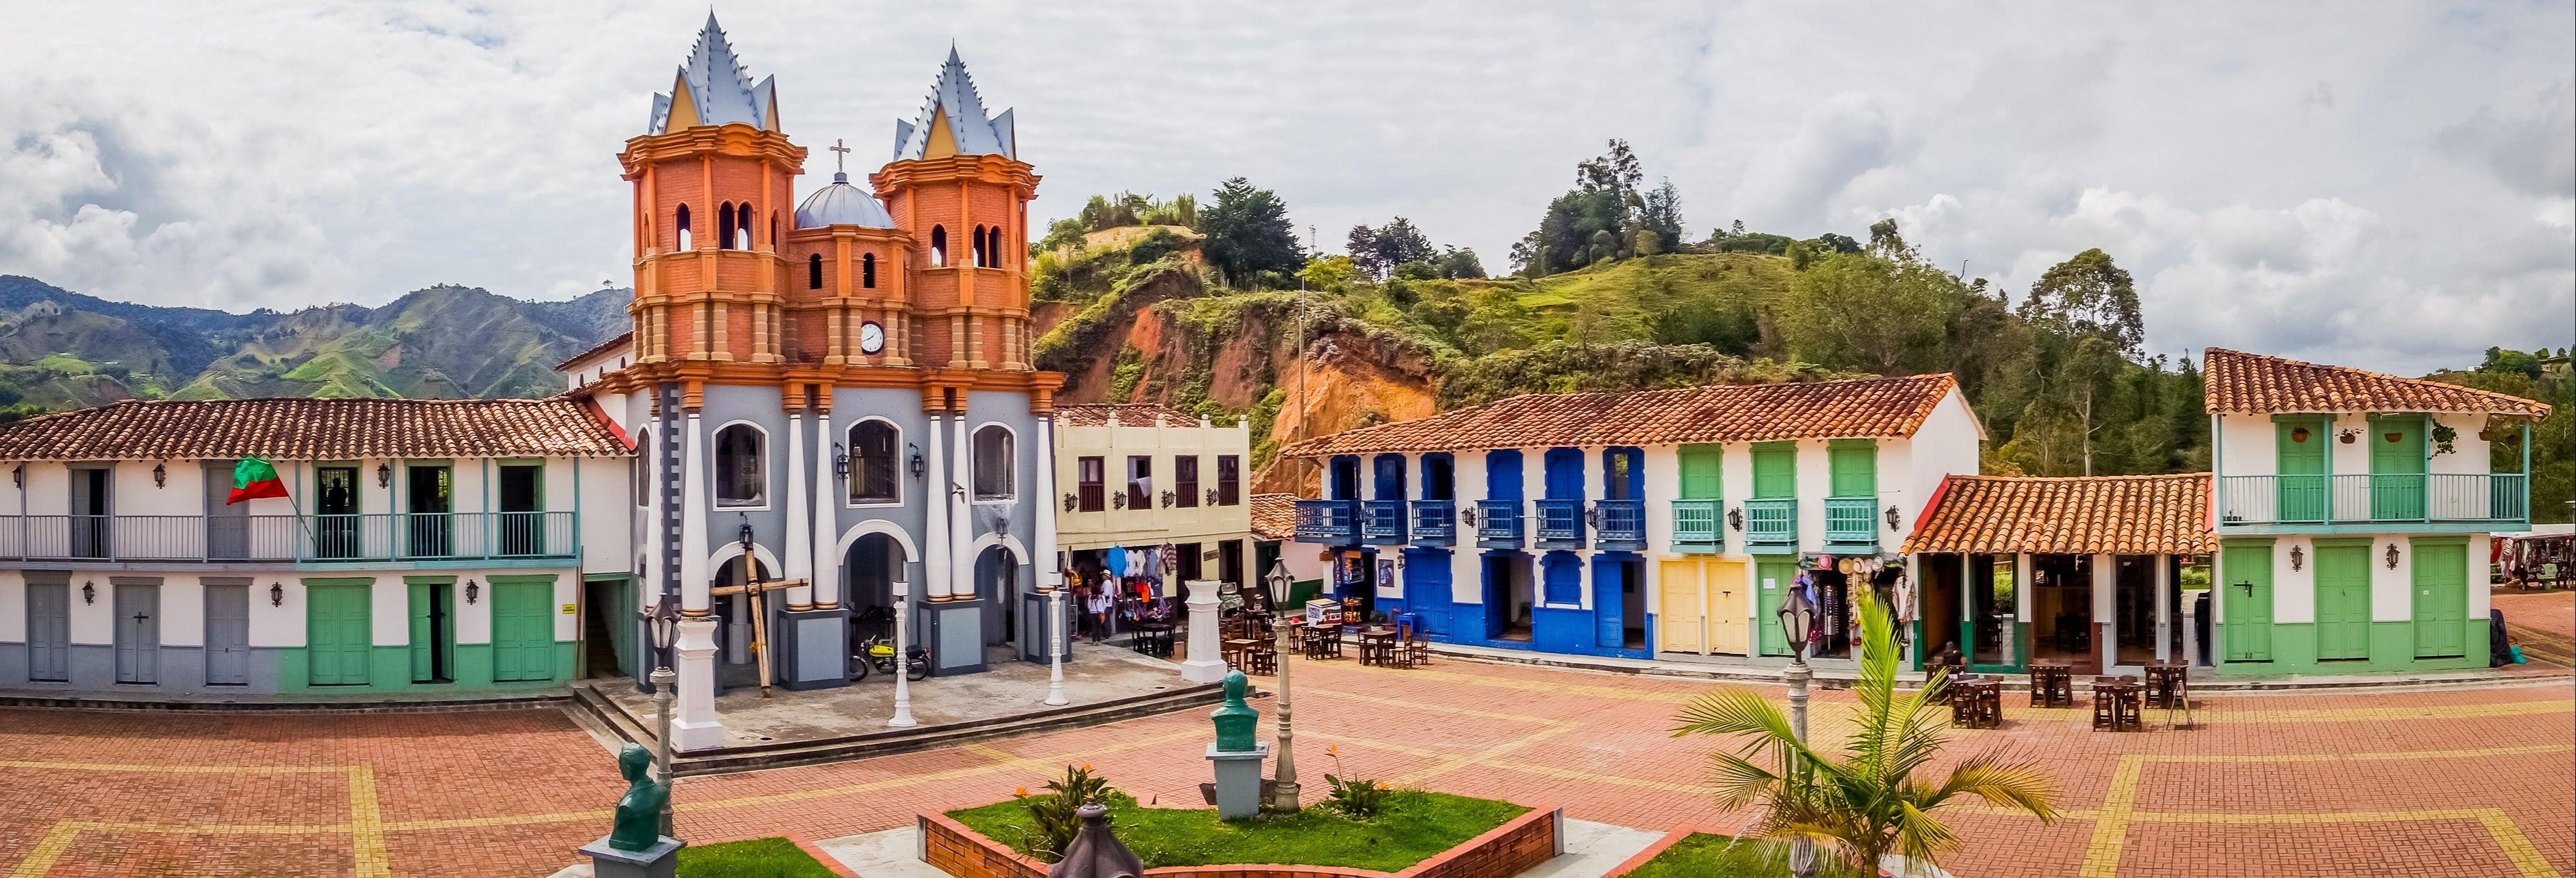 Tour privado por Guatapé